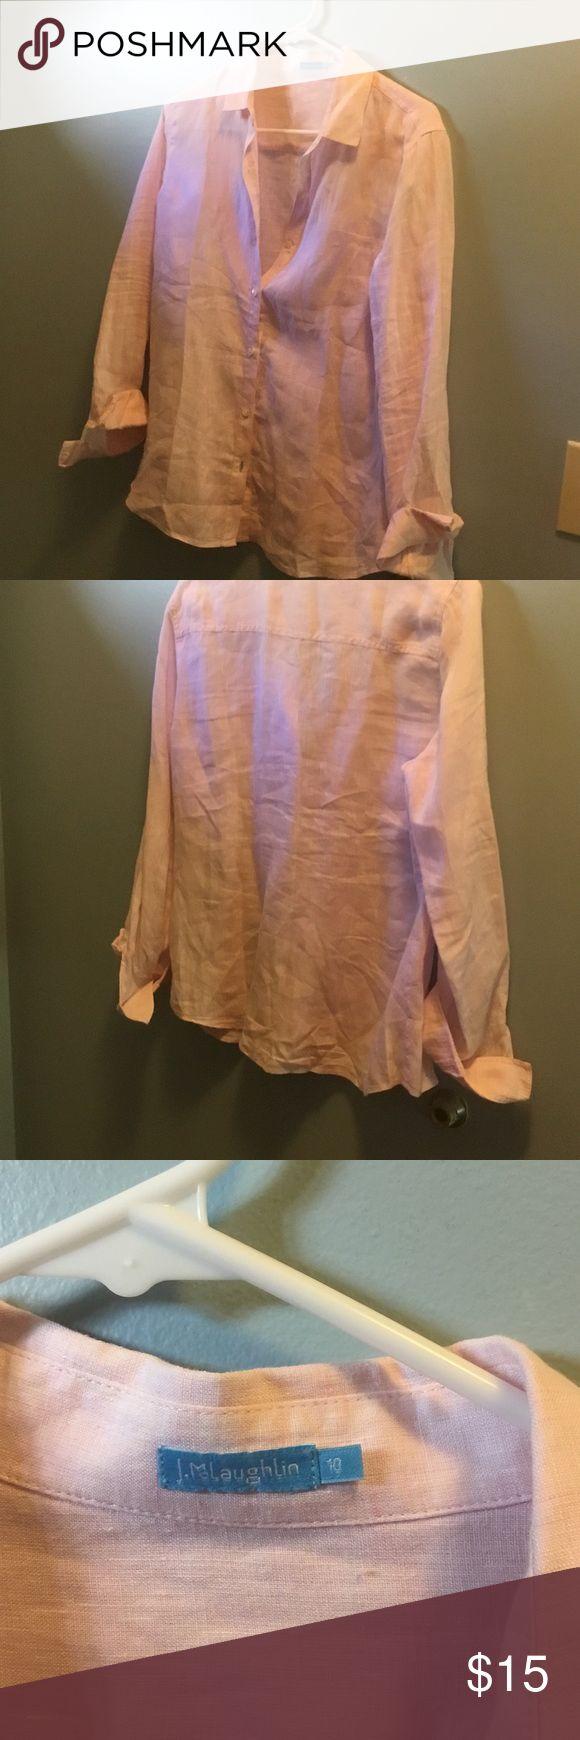 J.McLaughlin  linen  shirt. Pale pink. 10 EUC Beautiful pale pink linen shirt.  Size 10.   Smoke & pet free home. j McLaughin Tops Button Down Shirts